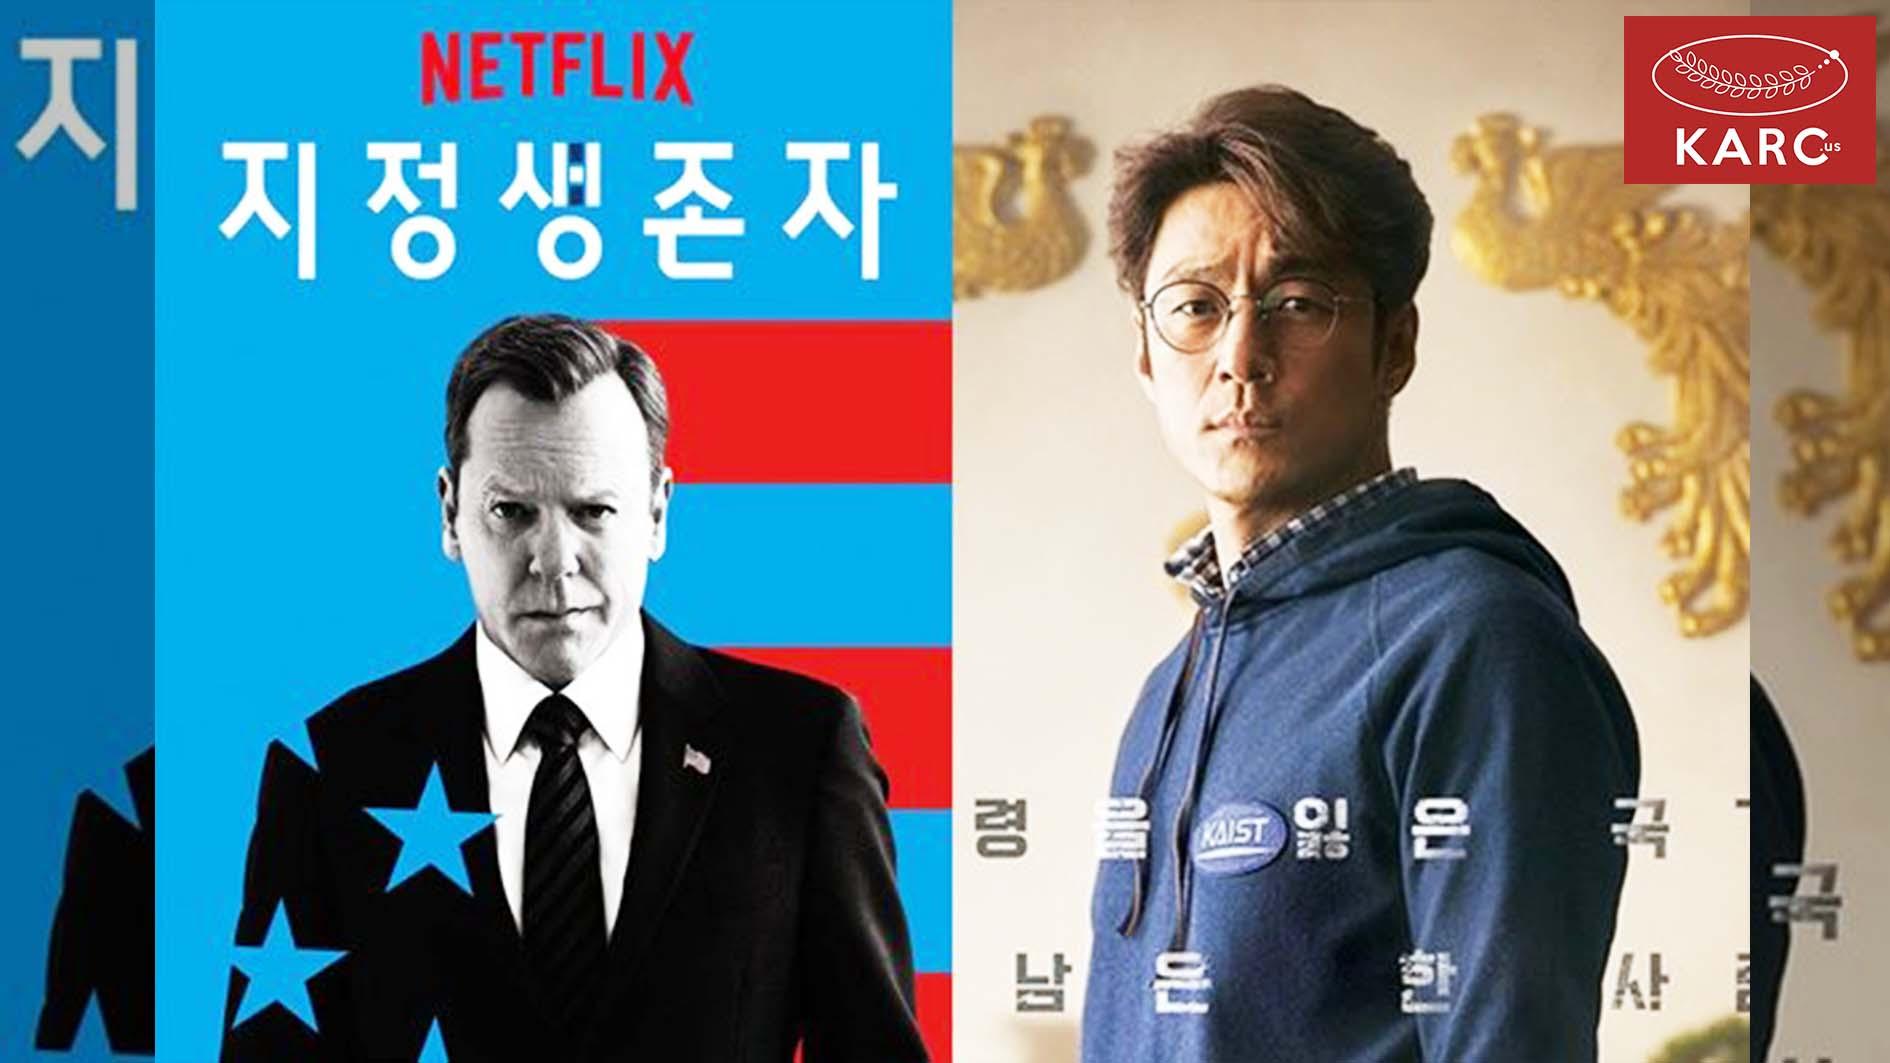 รีวิวซีรี่ย์ Netflix Designated Survivor ระทึกขวัญต้องขึ้นเป็นประธานาธิบดี... karc.us , วงการภาพยนต์ , แนะนำหนังดี , แนะนำหนังน่าดูหนังน่าดู , รีวิวหนังใหม่ , ก่อนตายต้องได้ดู! , ข่าวดารา , ข่าวเด่นประเด็นร้อน , รีวิวหนังใหม่ , หนังดังในอดีต